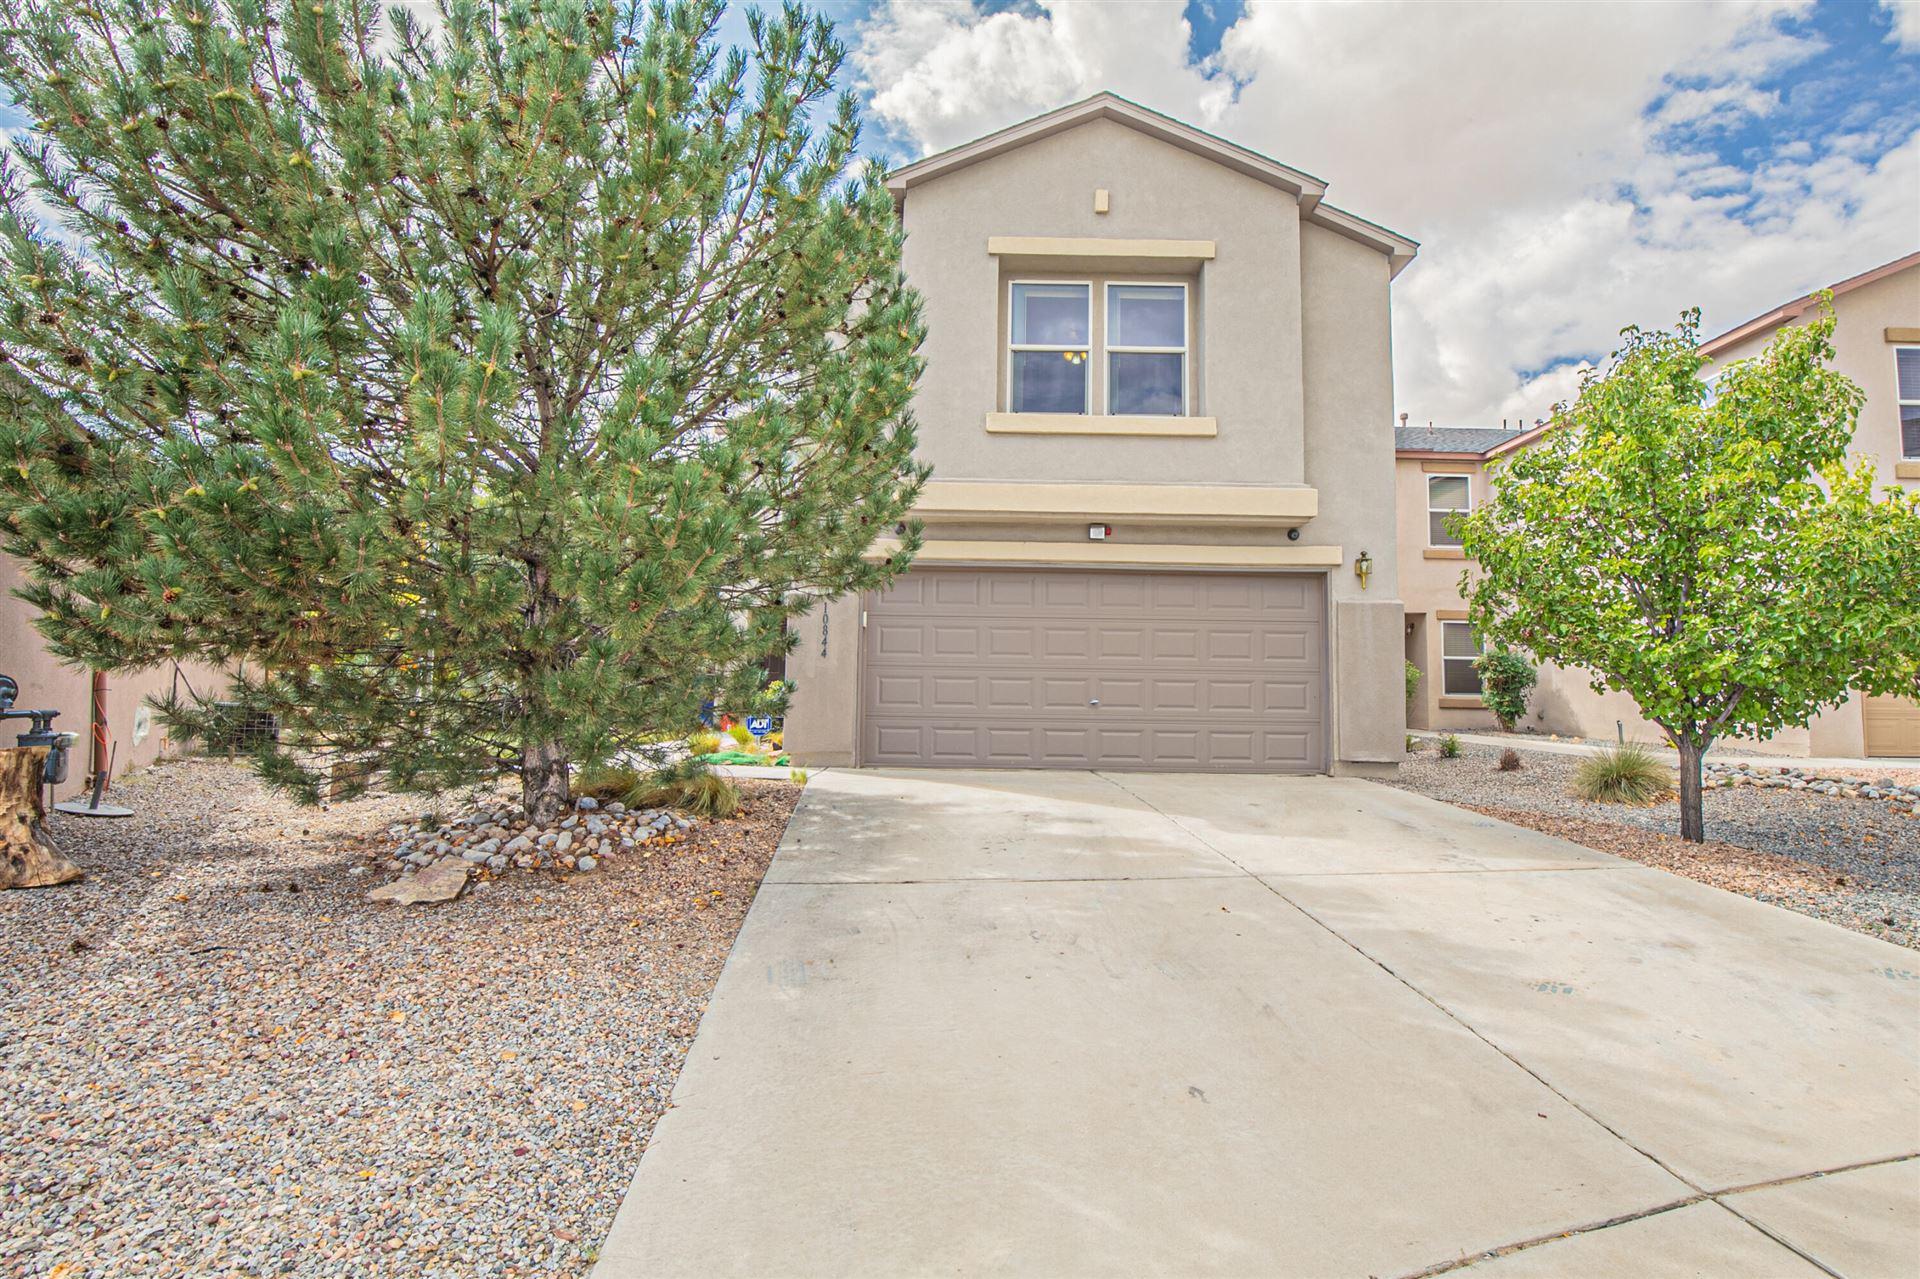 10844 GENTRY Lane SW, Albuquerque, NM 87121 - #: 1001918